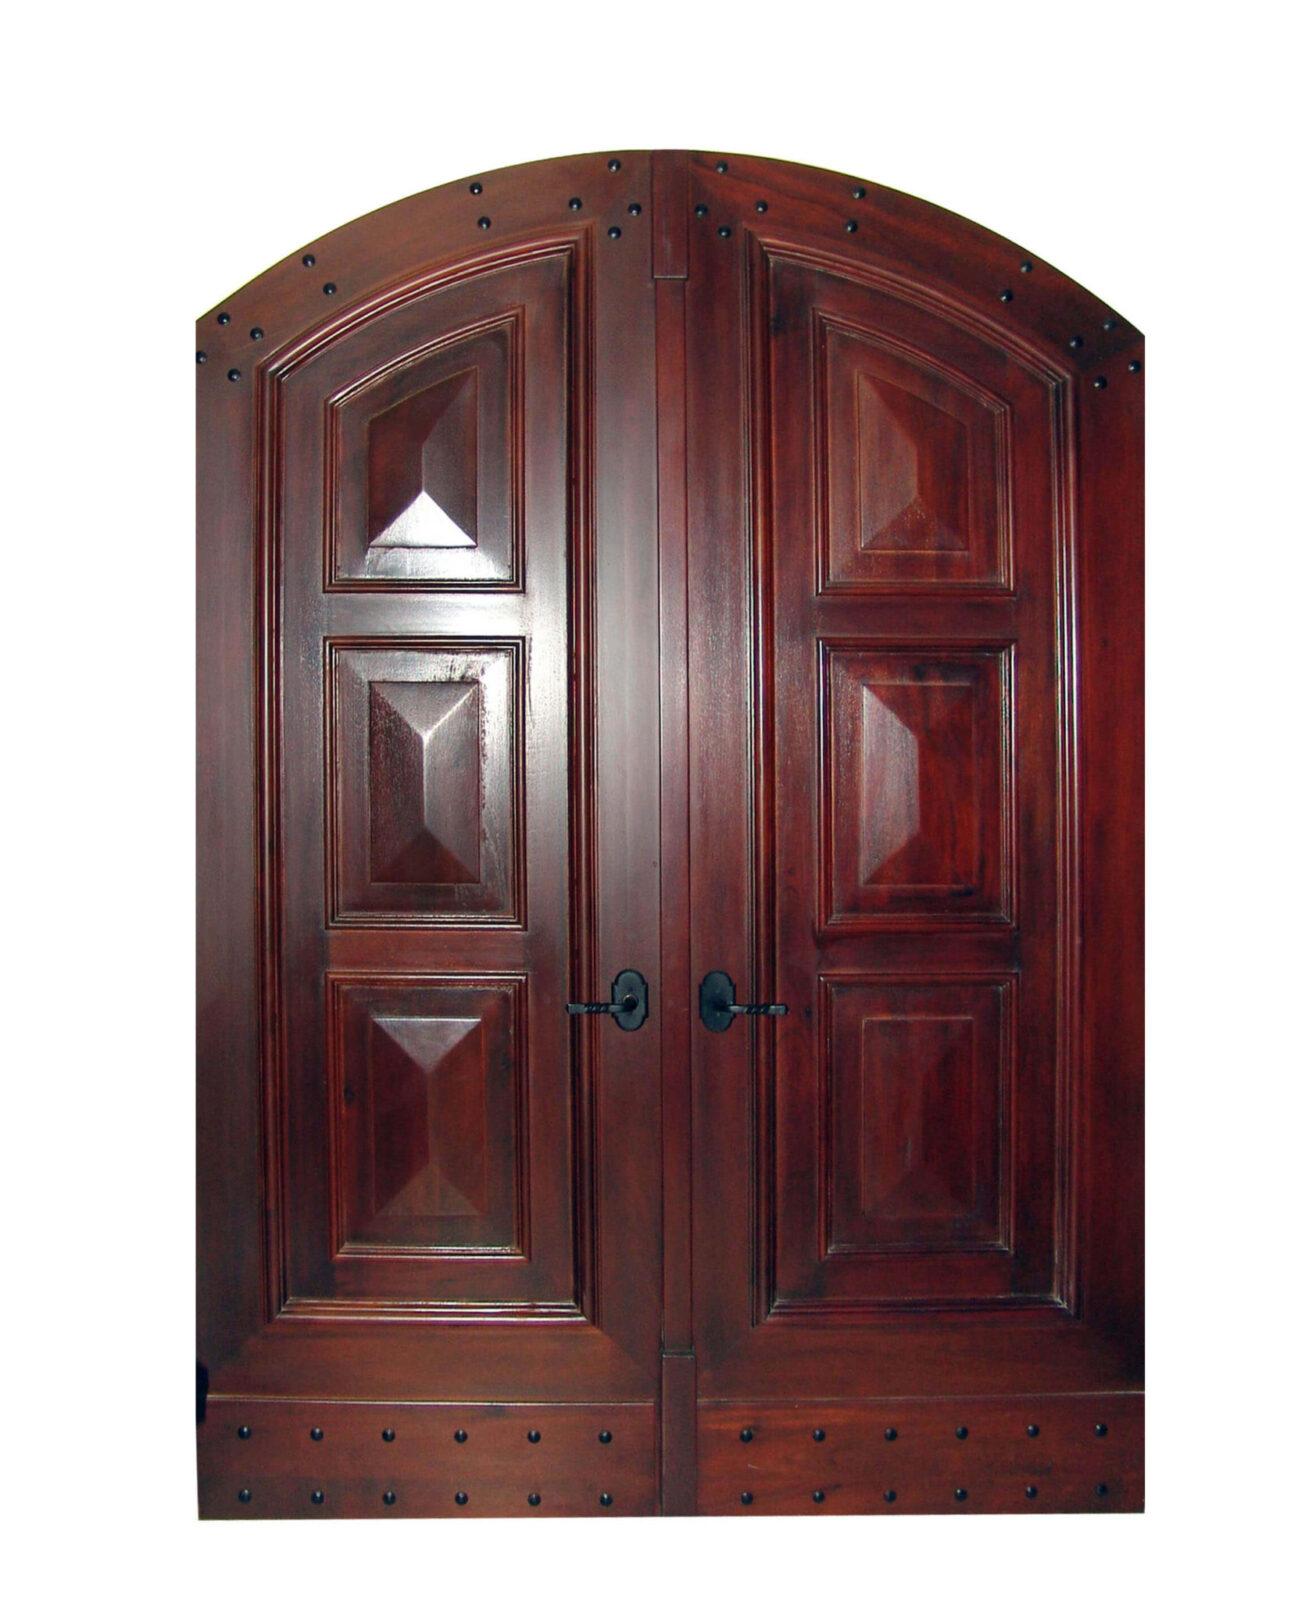 PARACAS MAHOGANY ENTRANCE DOORS.